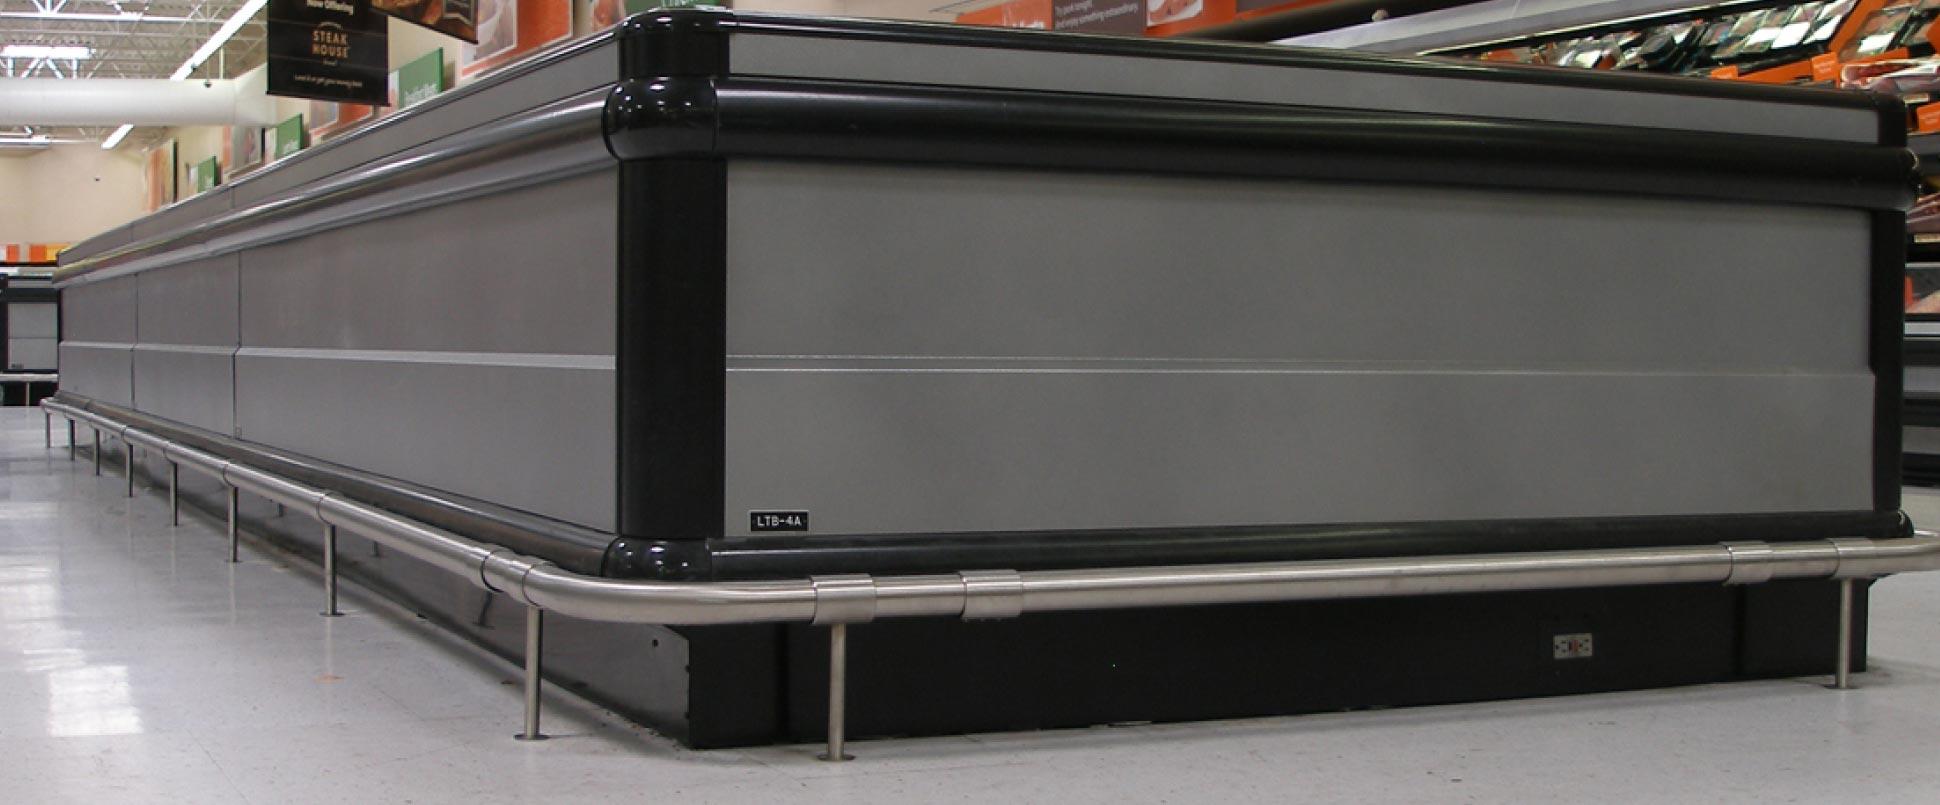 henfor-proteccion-contra-impacto-slider